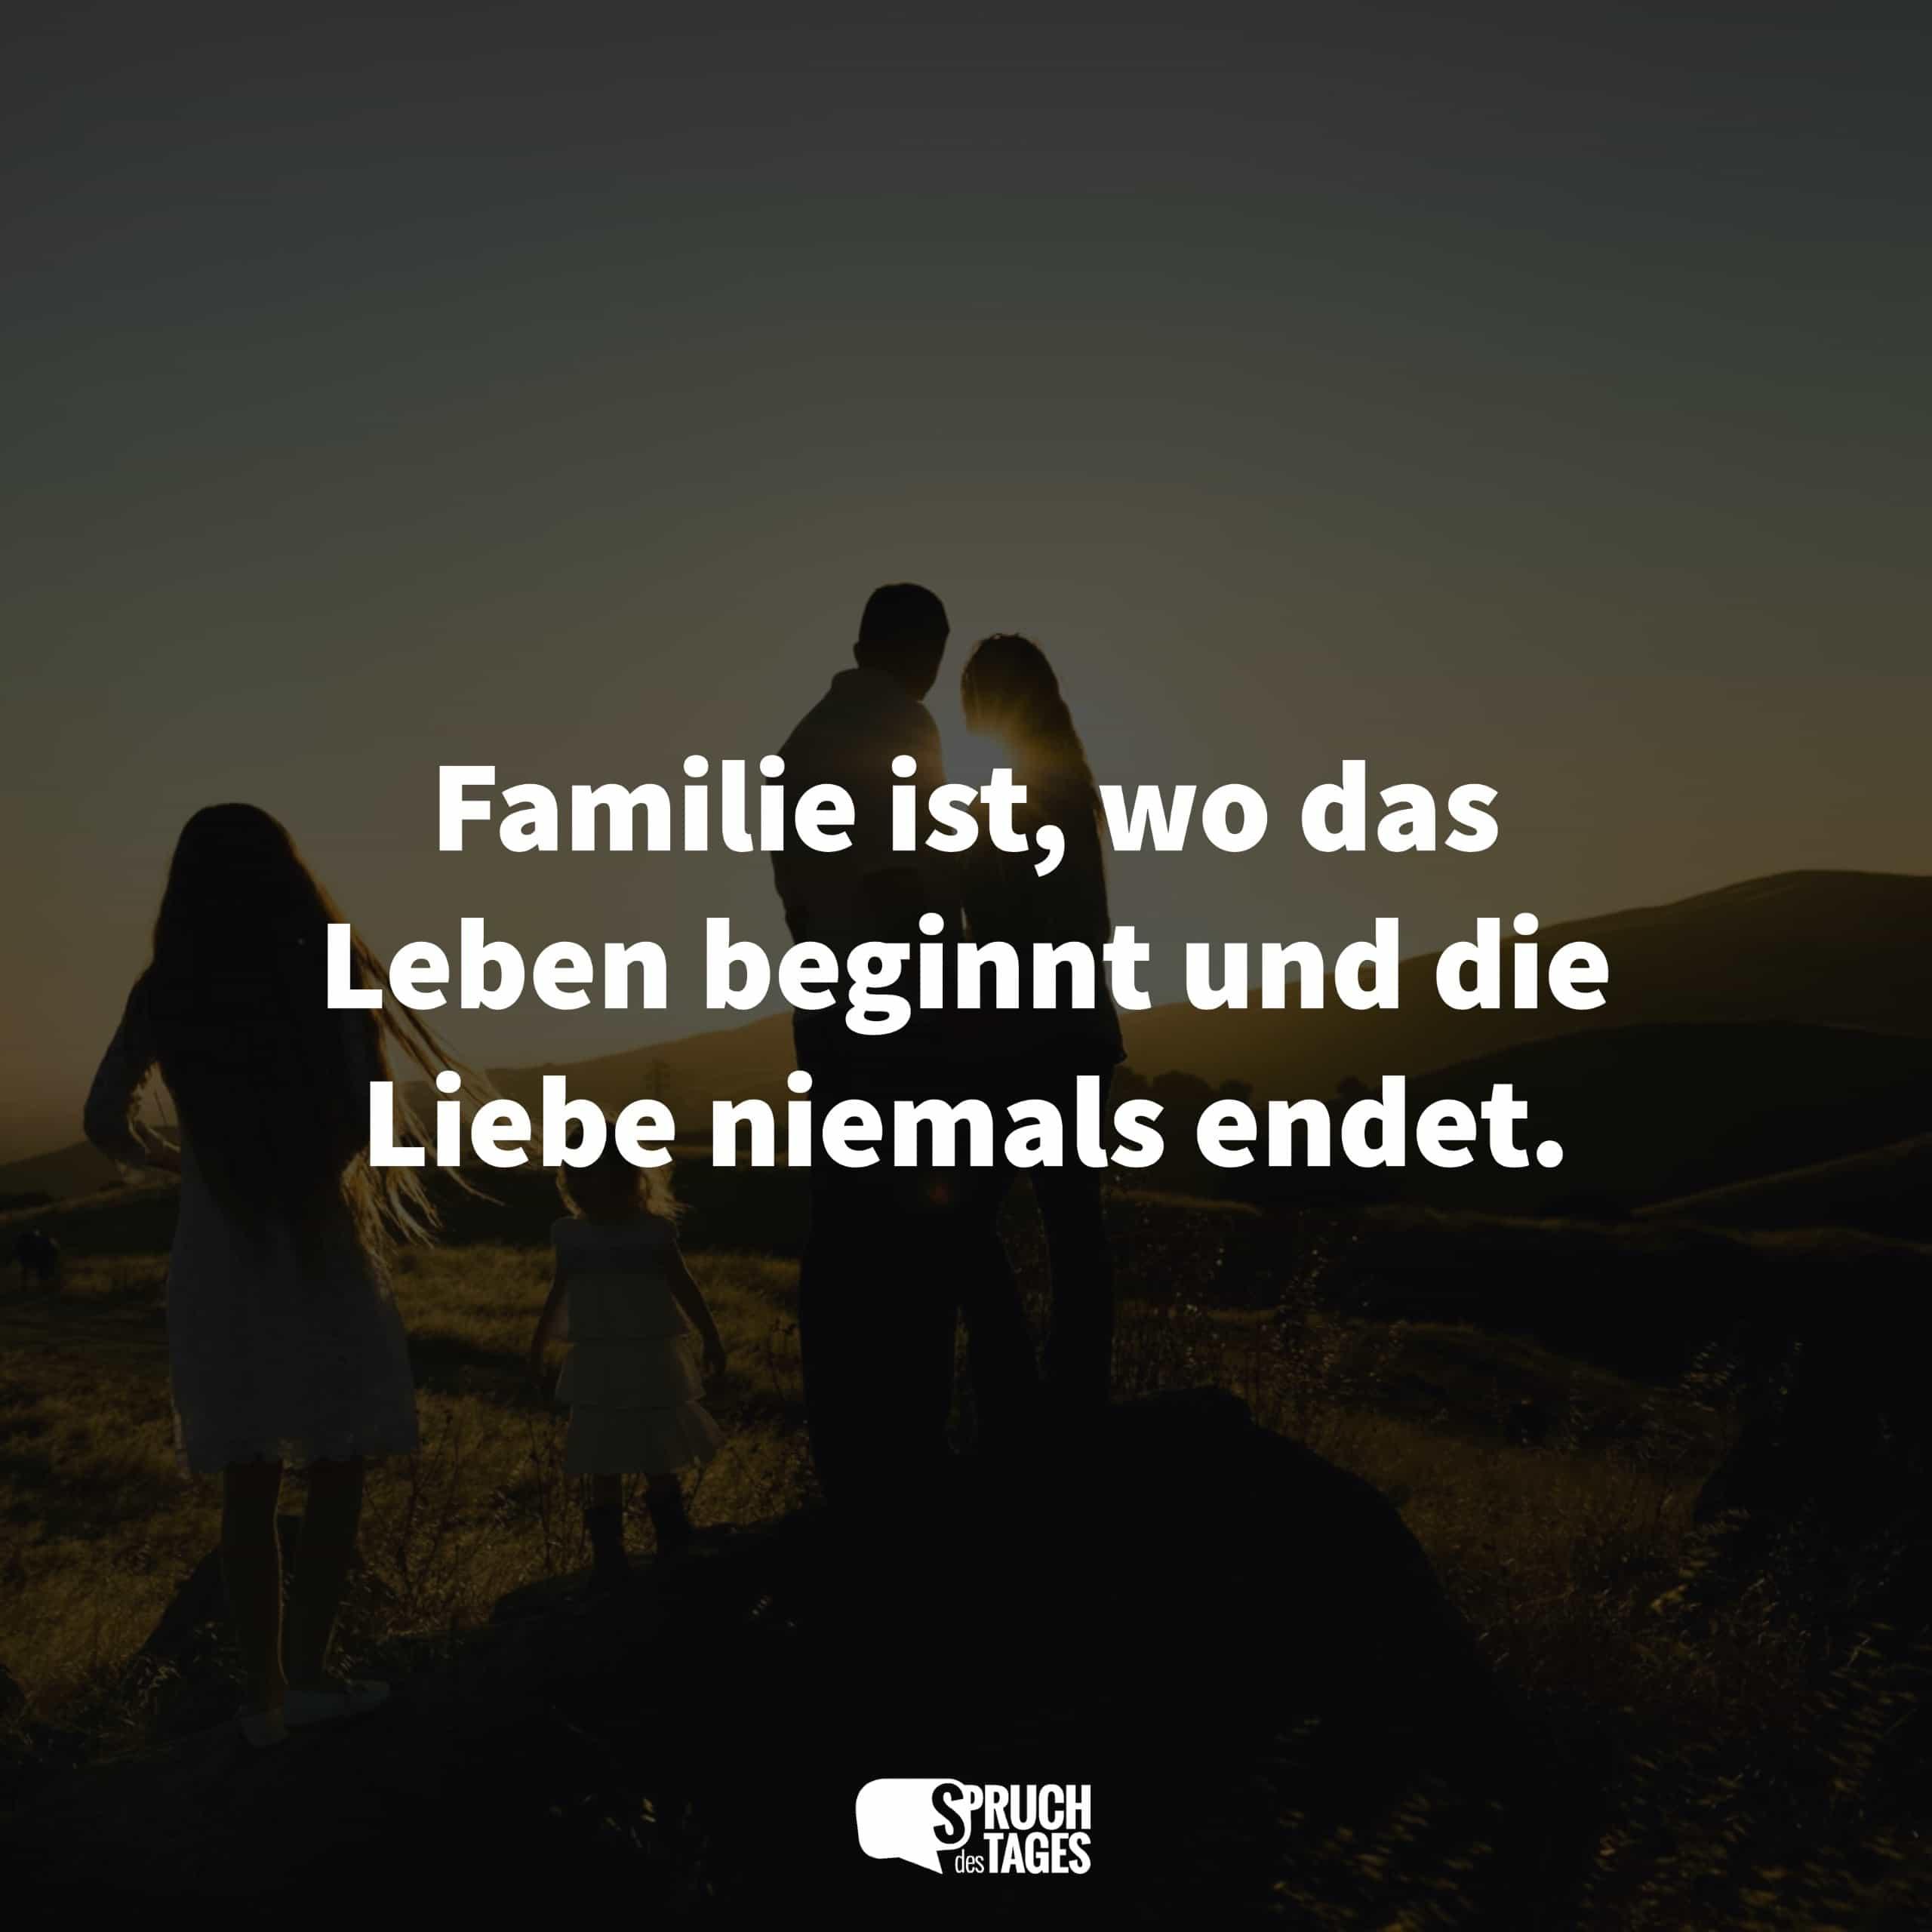 Sprüche familie liebe und Spruch Liebe